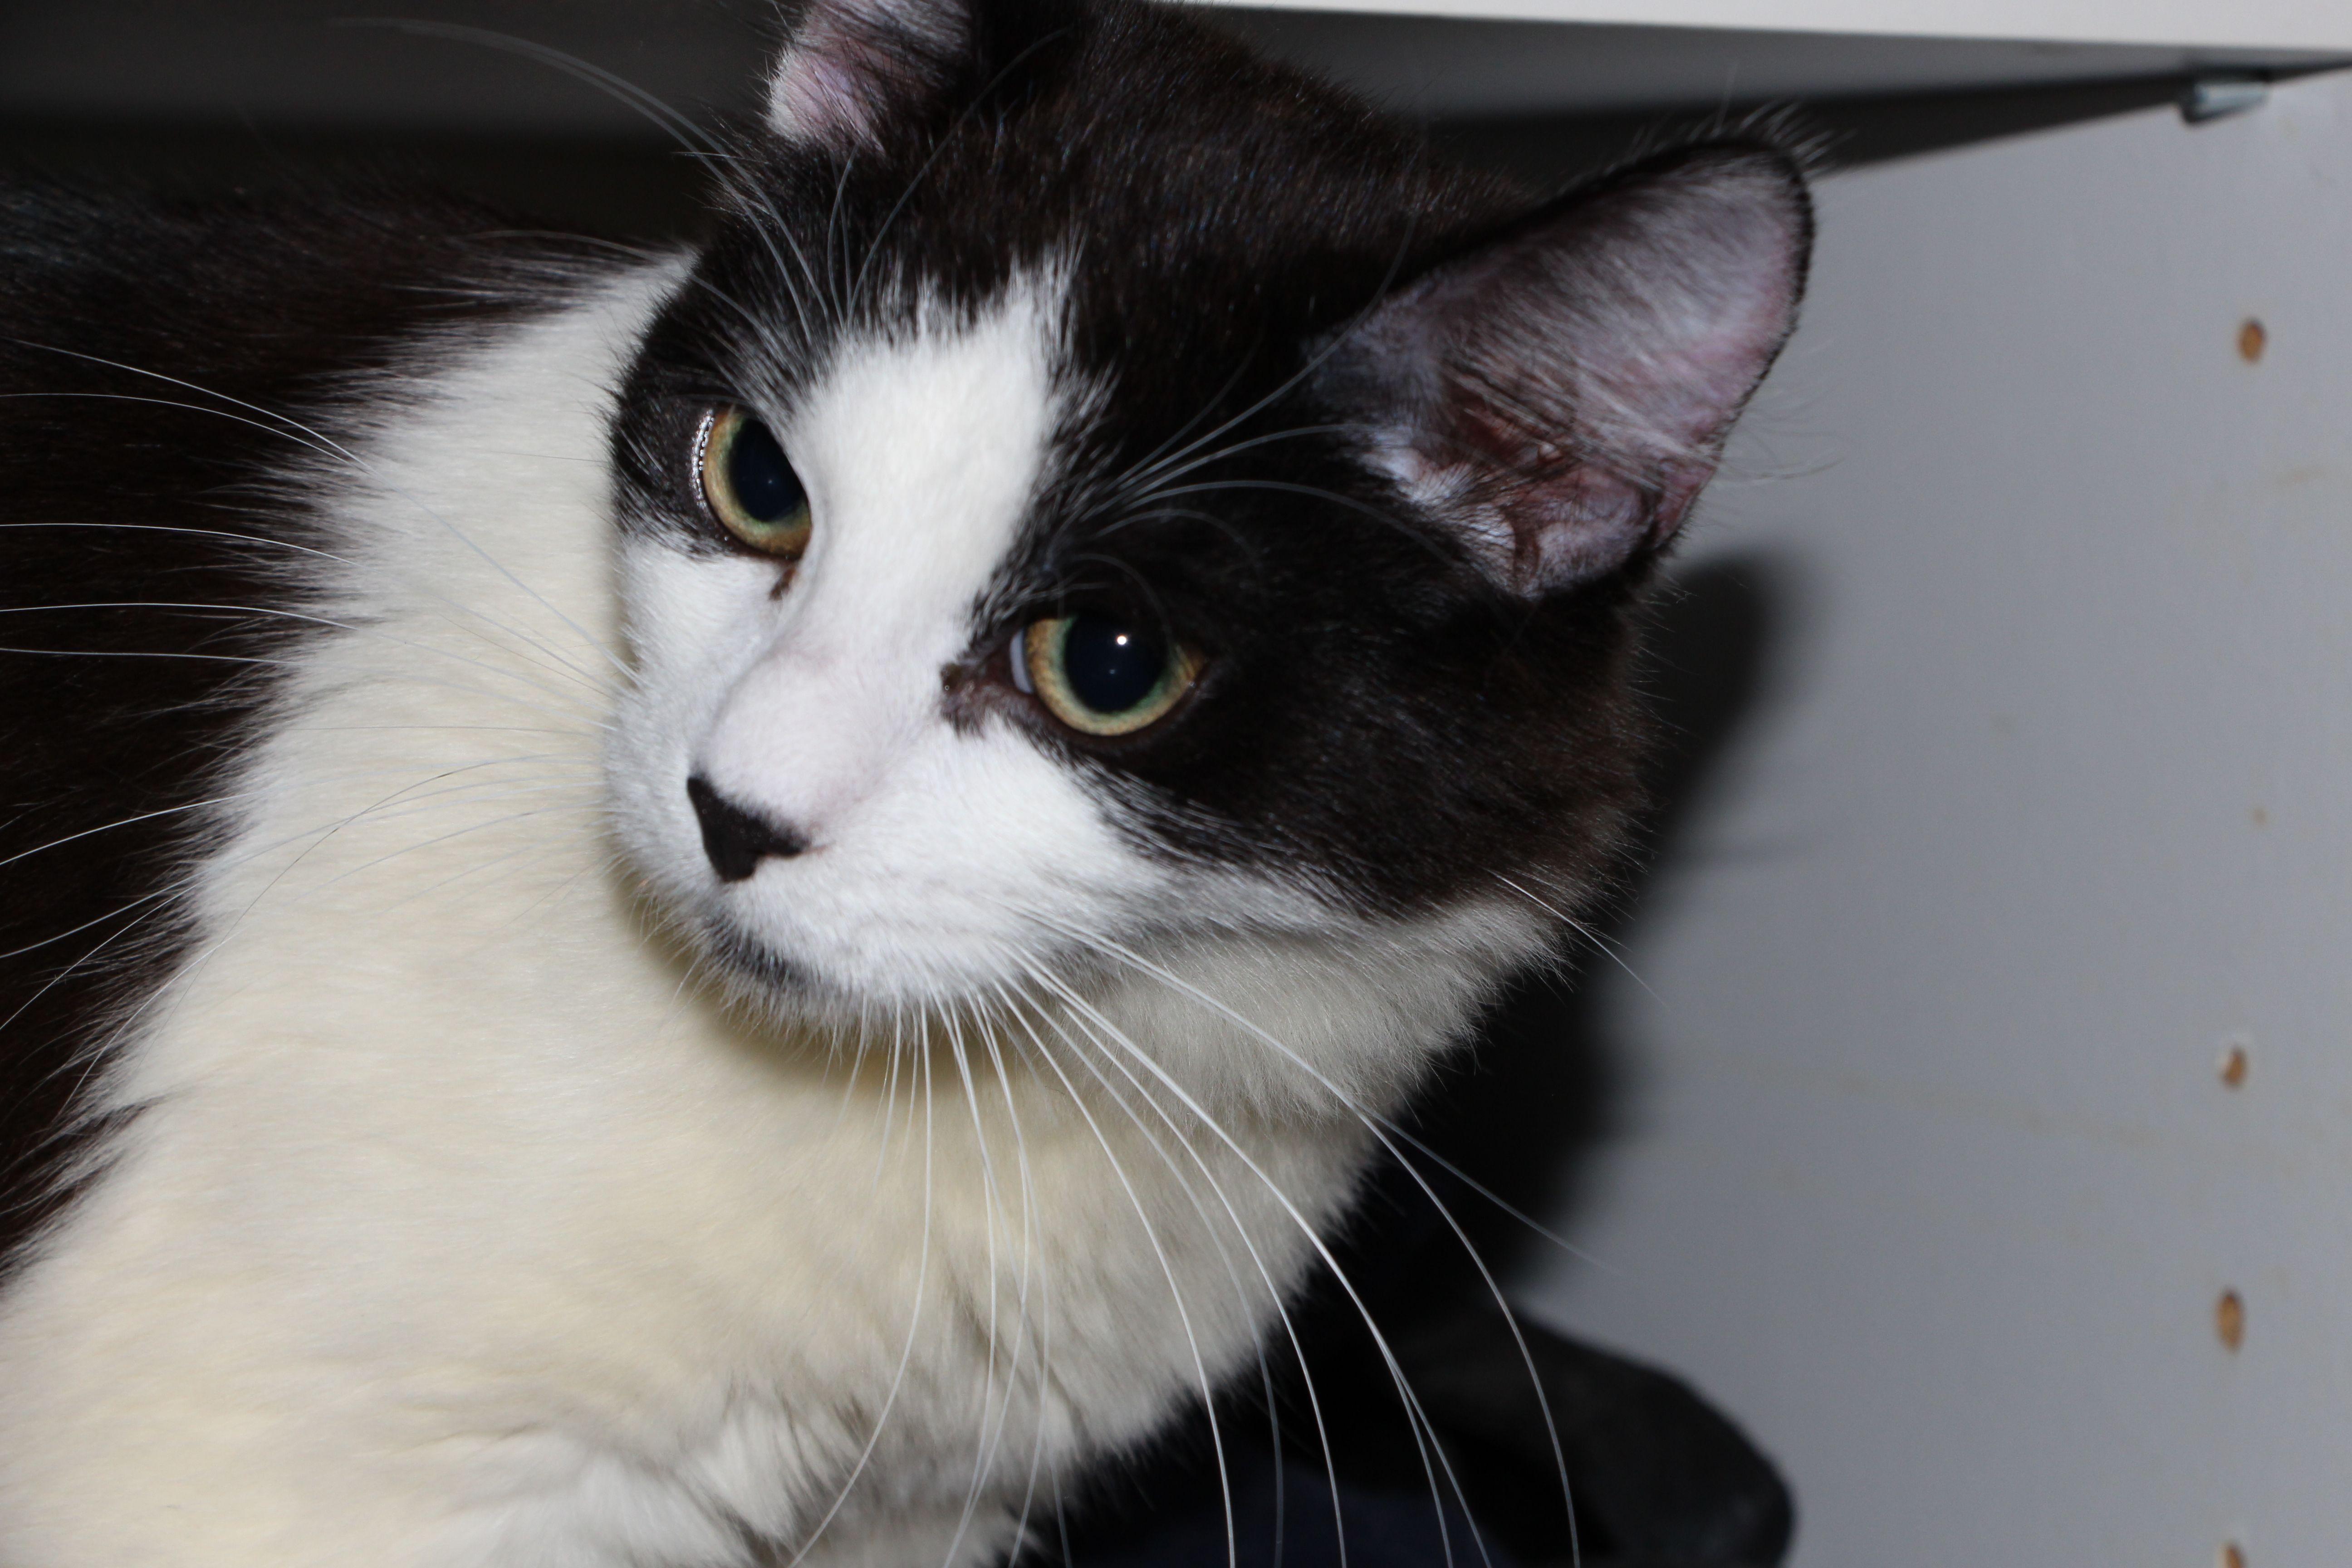 Raichu Cat | Pawshake Gold coast | Pawshake Australia Cats ...